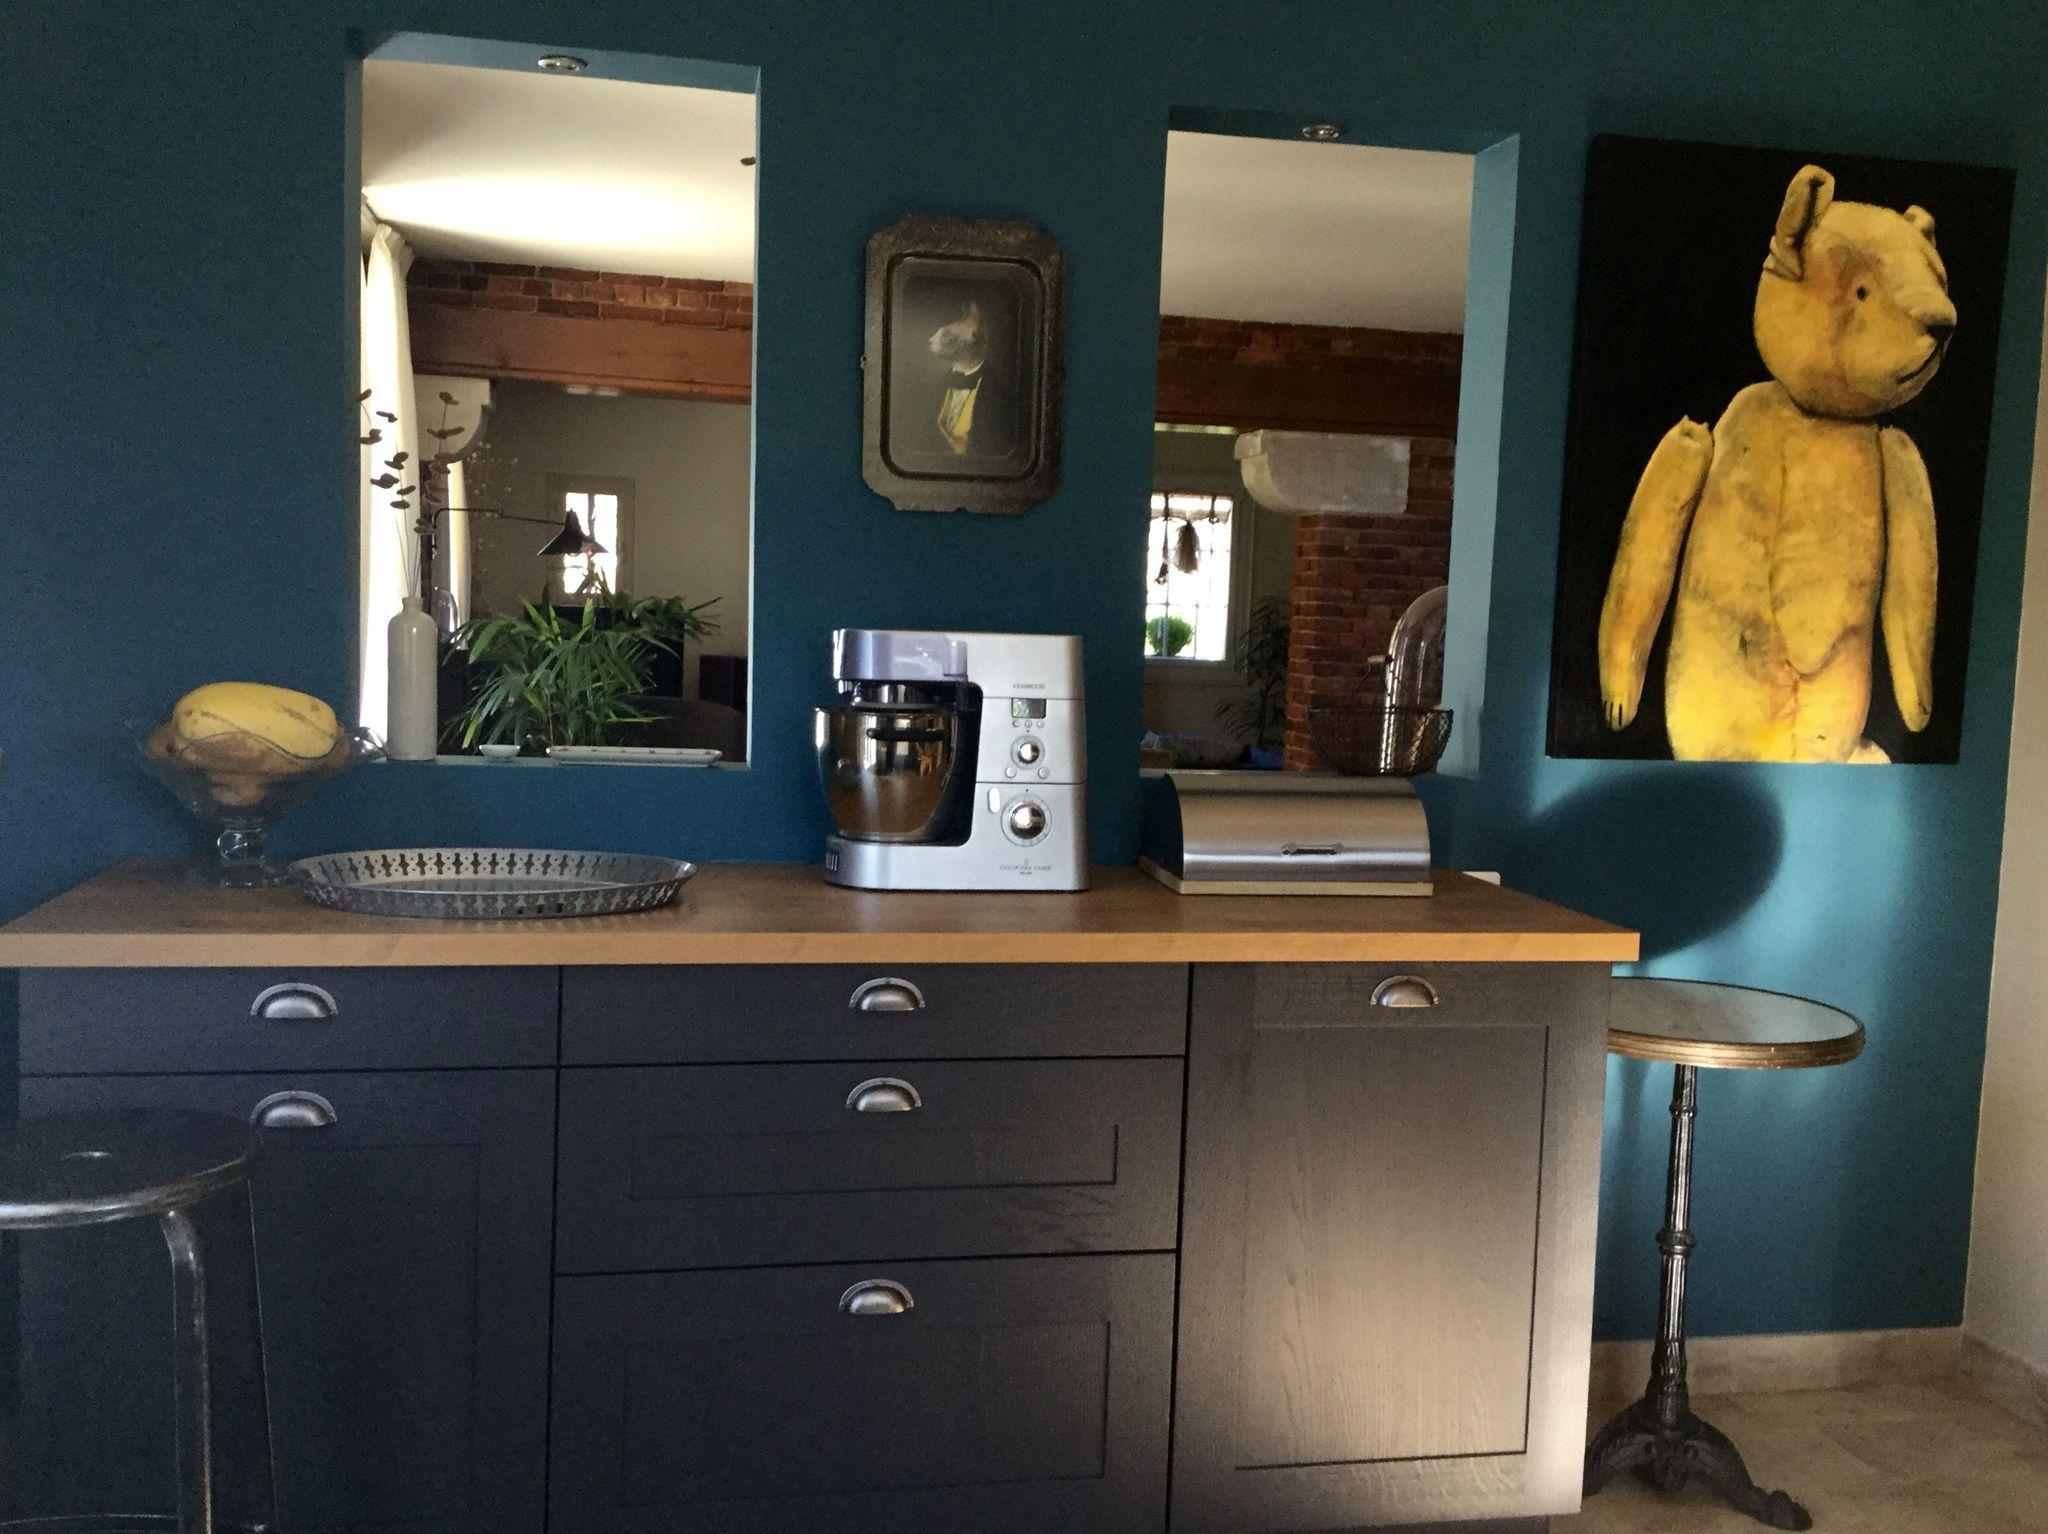 Cuisine Grise Mur Bleu Canard Goa Flamant In 2020 Grey Kitchen